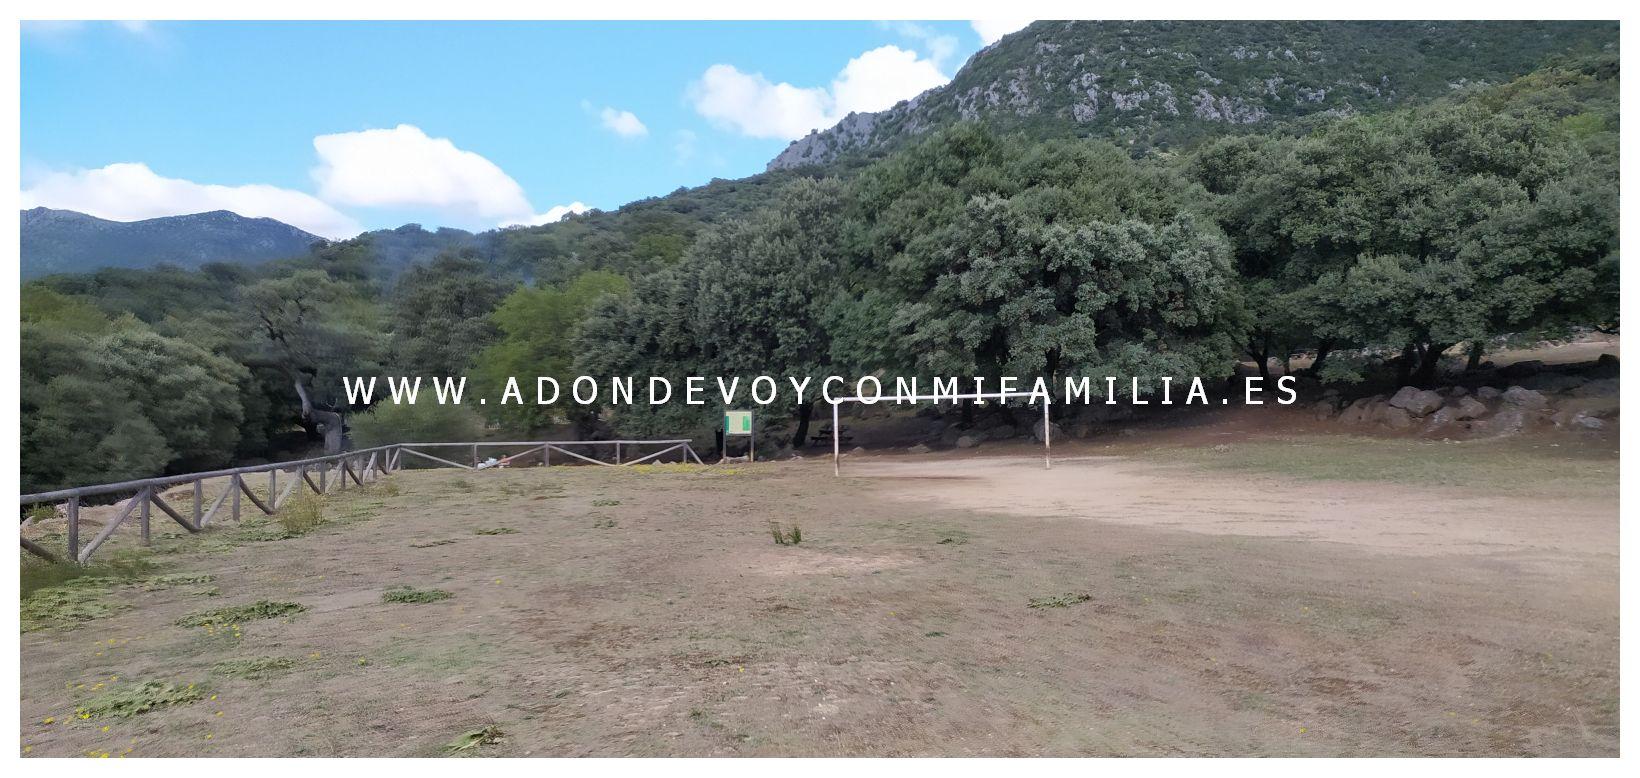 area recreativa los llanos del campo adondevoyconmifamilia 03